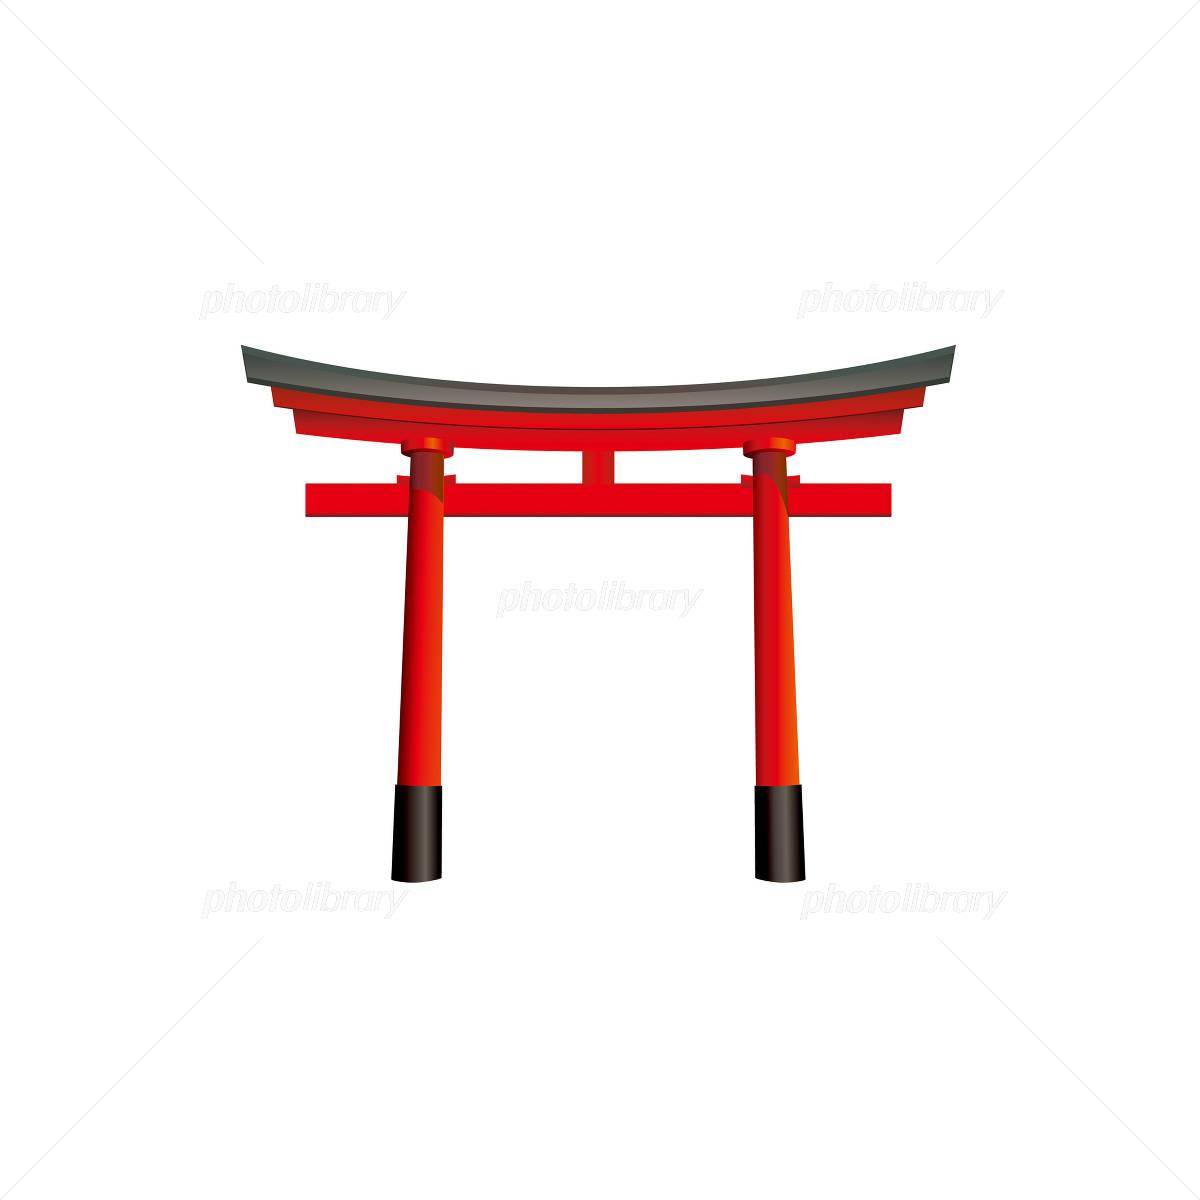 神社の鳥居のイラスト イラスト素材 1238929 フォトライブラリー